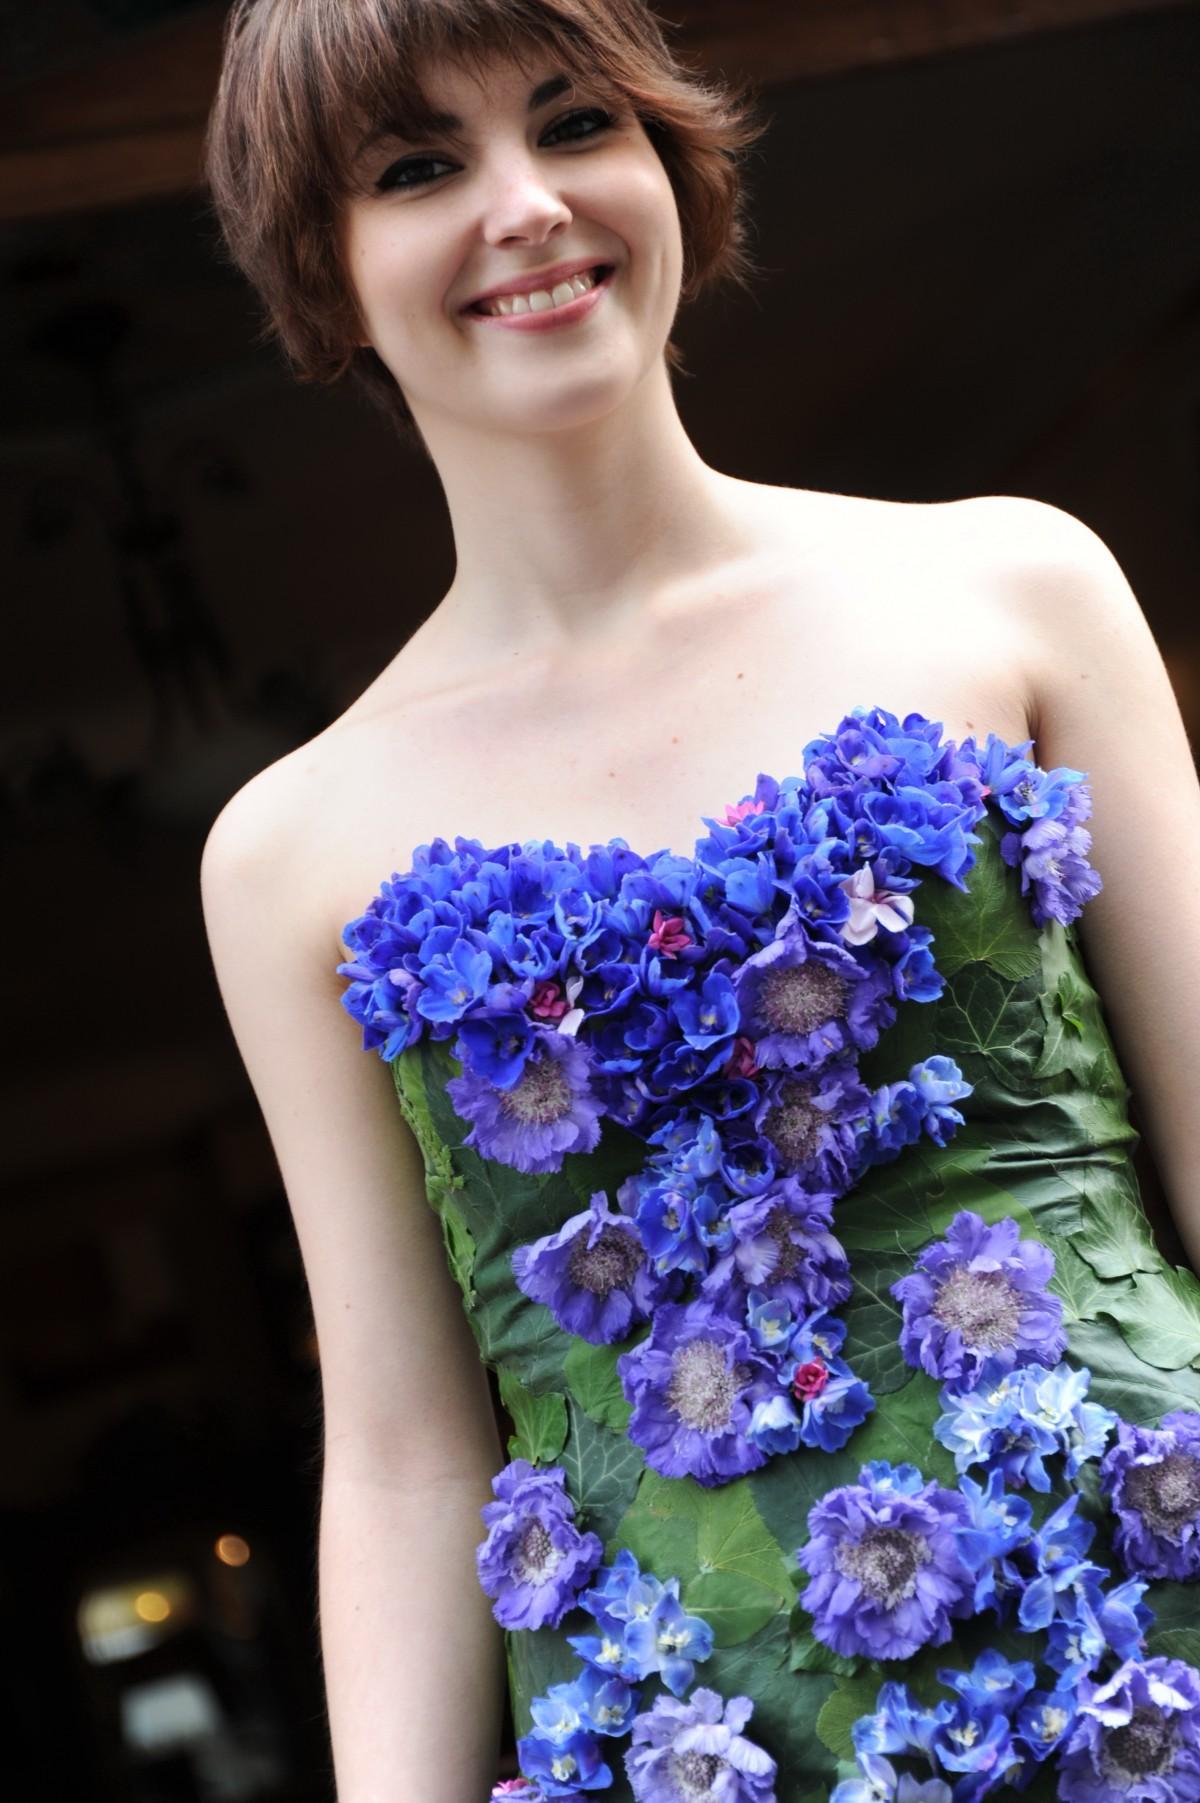 Les incroyables «Robes d'un jour» de Bethsabée Belon sont des robes de mariée uniques recouvertes de fleurs fraiches. Comment? Grâce à un processus de fabrication qui garantit la souplesse et la bonne tenue des robes: une base textile coton et soie, réalisée sur mesure, est conçue en amont de la mise en fleurs et en feuilles qui se fera la veille et le matin du jour du mariage.  Le résultat? Une robe de mariée unique composée de feuillage et de fleurs fraiches, comme par exemple sur ce modèle n°28. La gamme de prix varie de 1400 à 7000 euros environ, avec un prix moyen autour de 3000 euros. www.bethsabeebeslon.com Photo Bénédicte Beslon